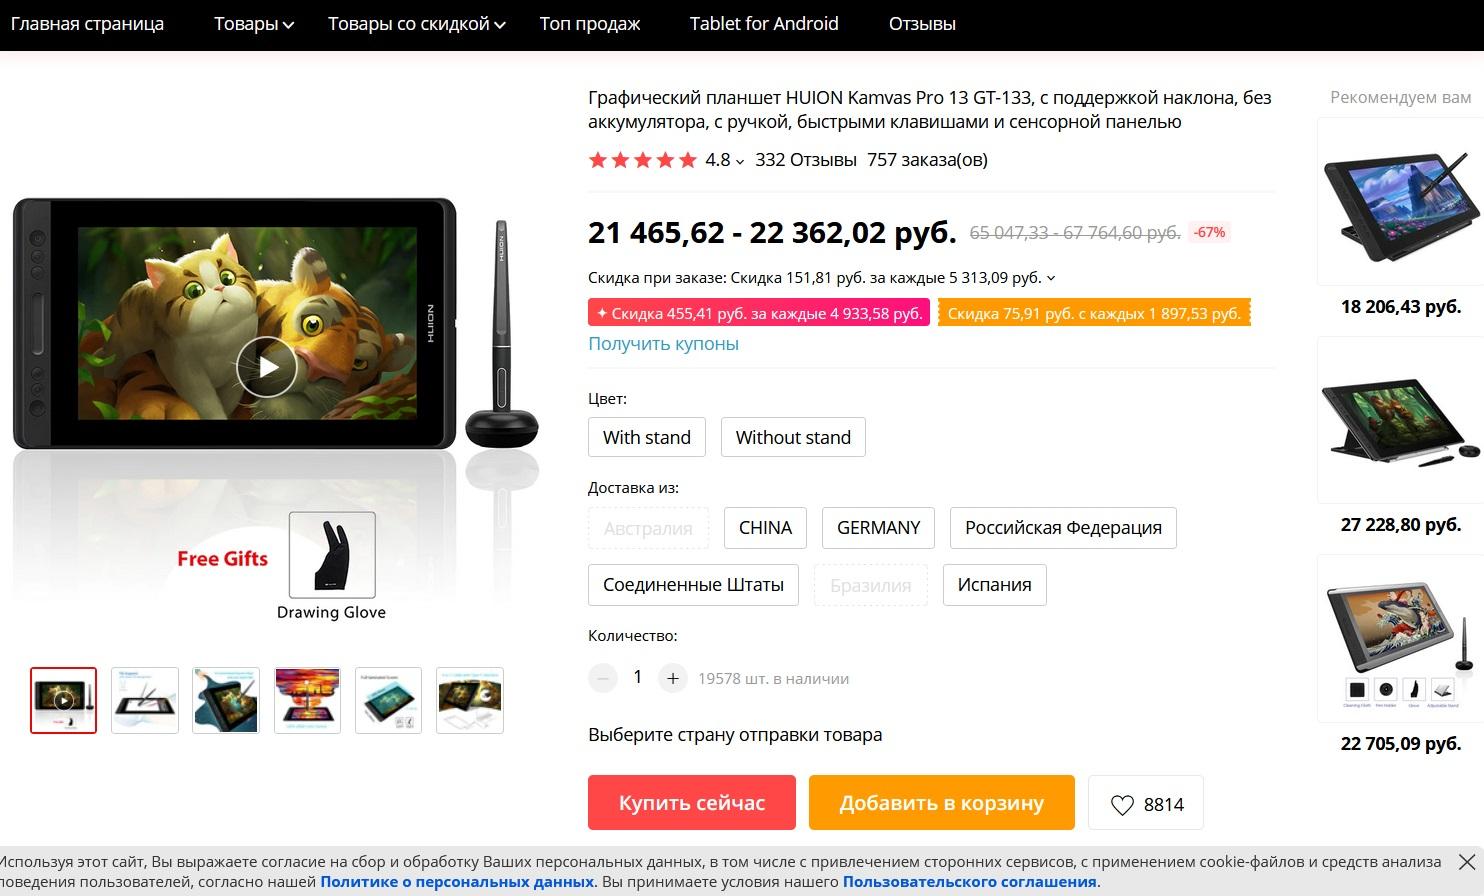 Графический планшет HUION Kamvas Pro 13 GT-133